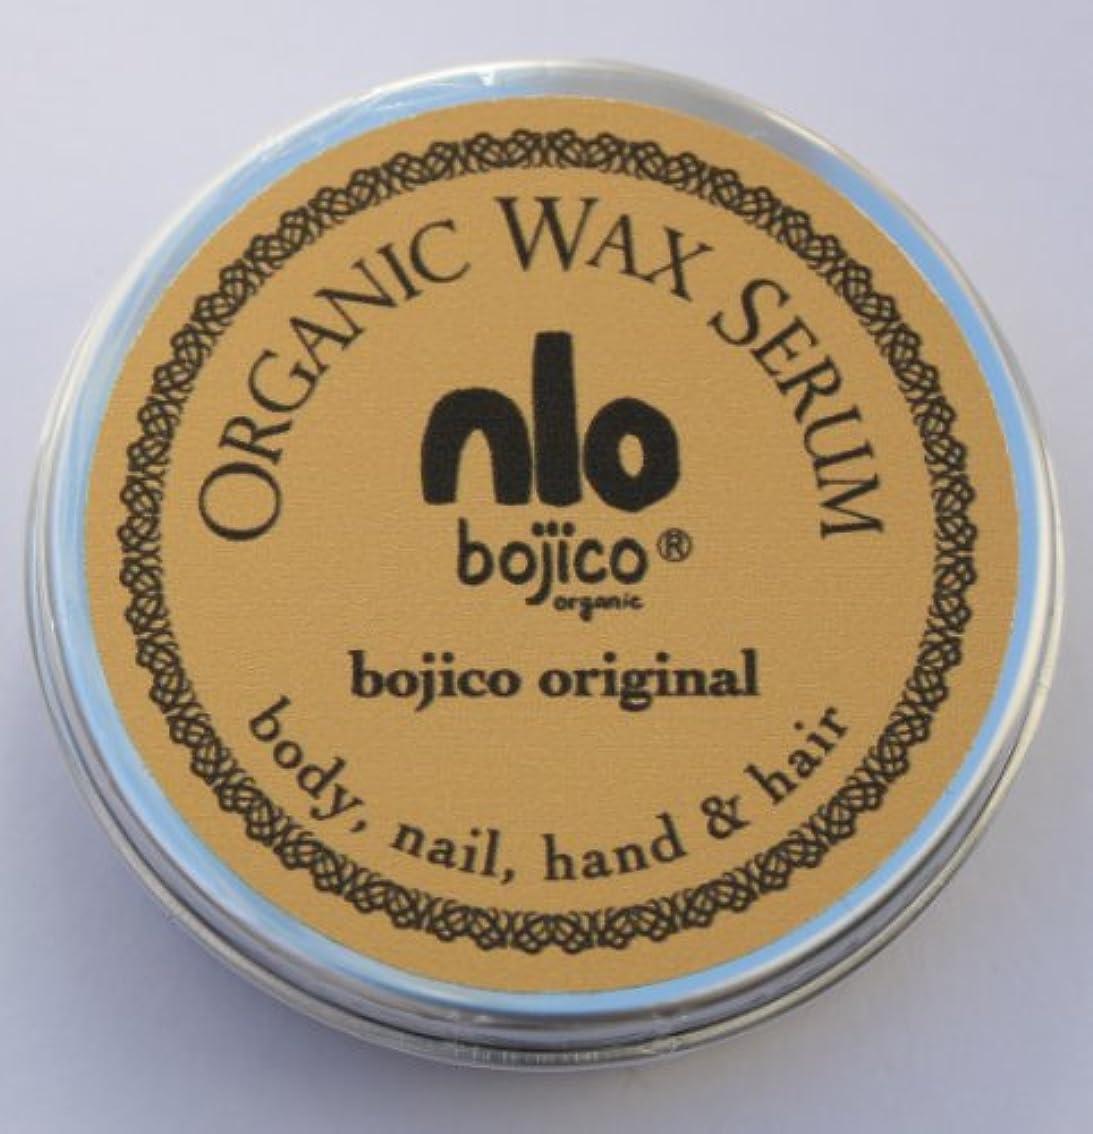 慈悲深い縁レパートリーbojico オーガニック ワックス セラム<オリジナル> Organic Wax Serum 40g